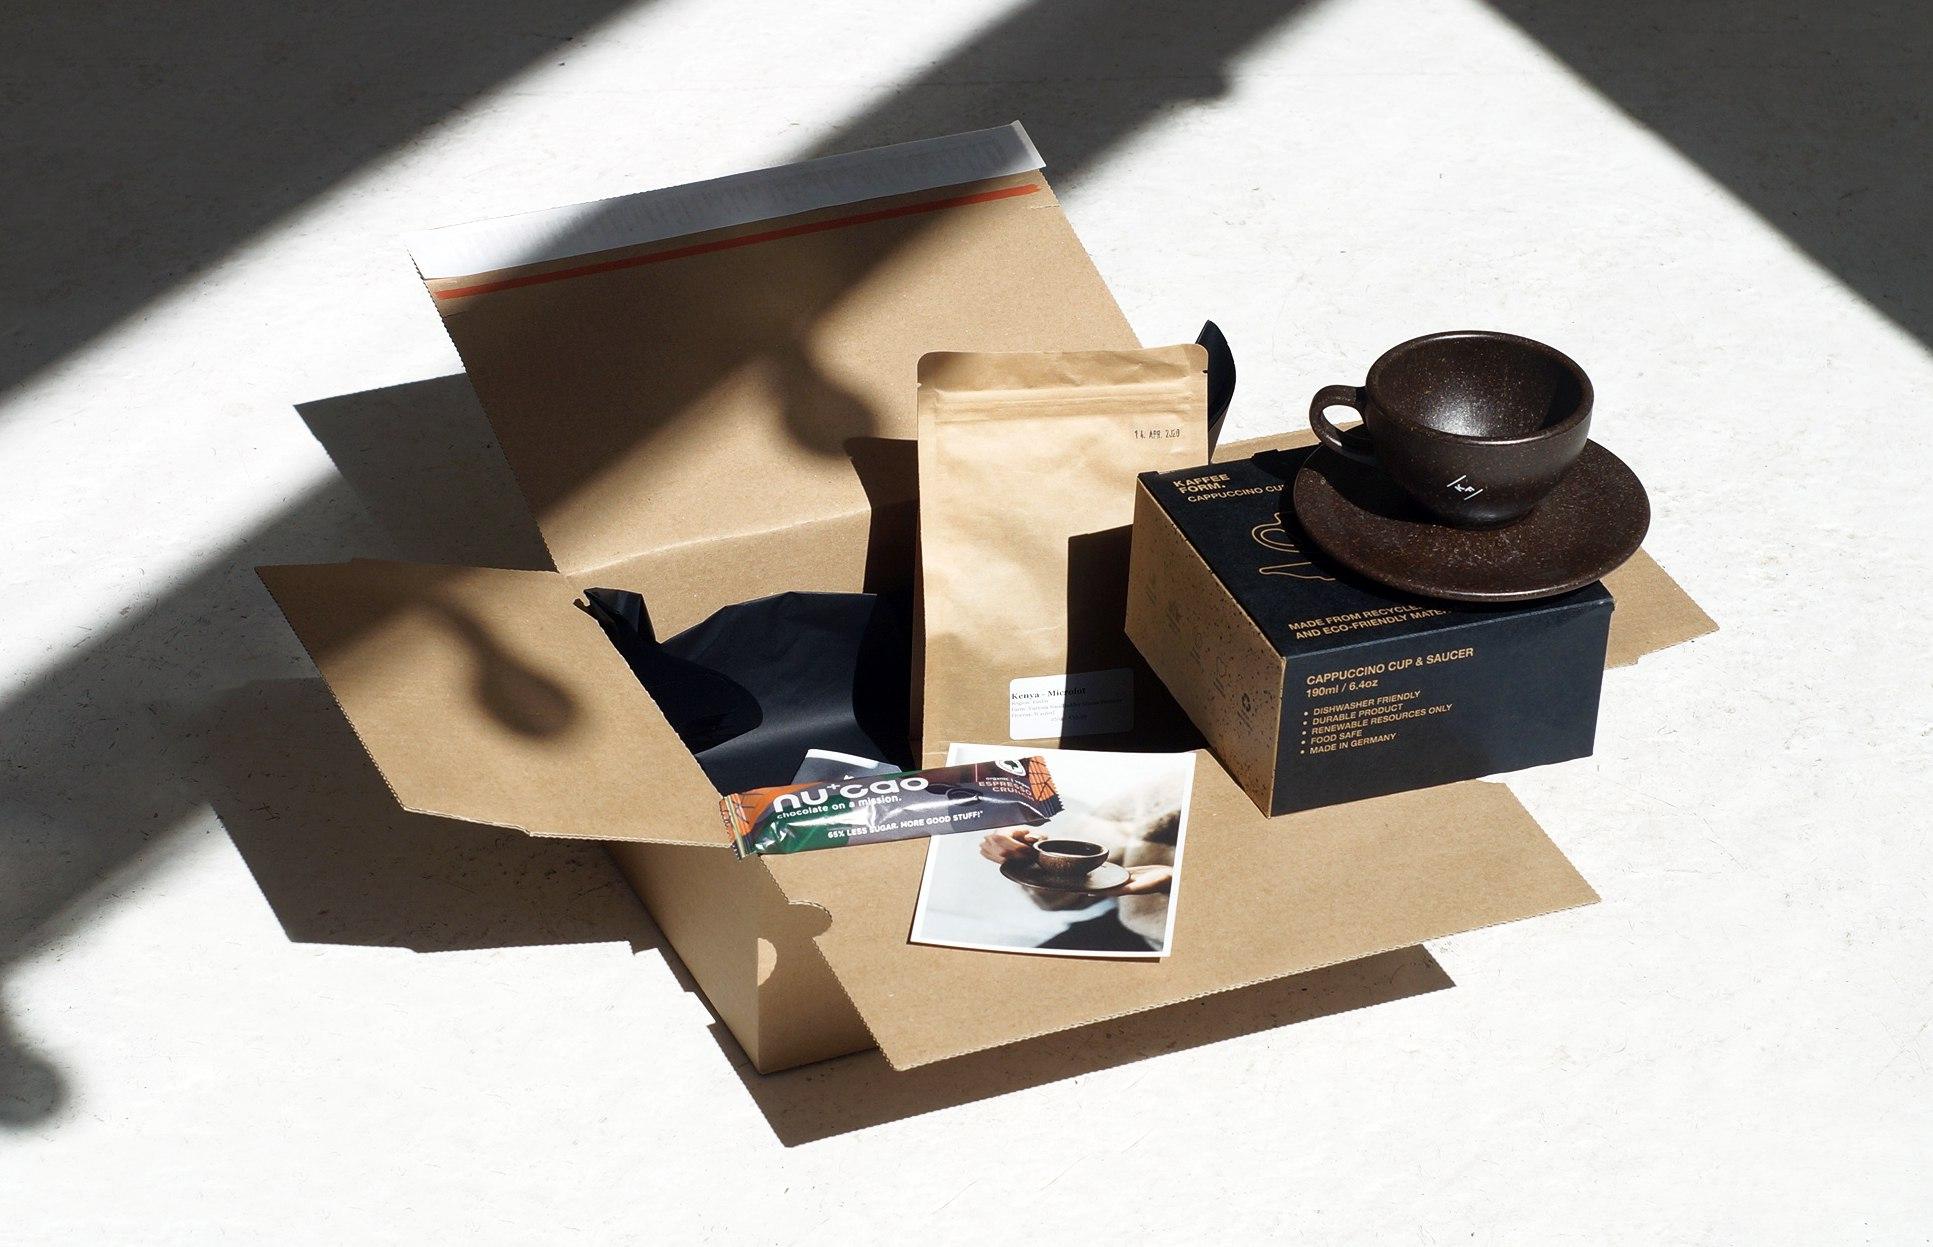 Kaffeeform Treat Box mit einer Tasse aus Kaffesatz, Kaffeebohnen, ein Nucao Riegel und einer Grußkarte